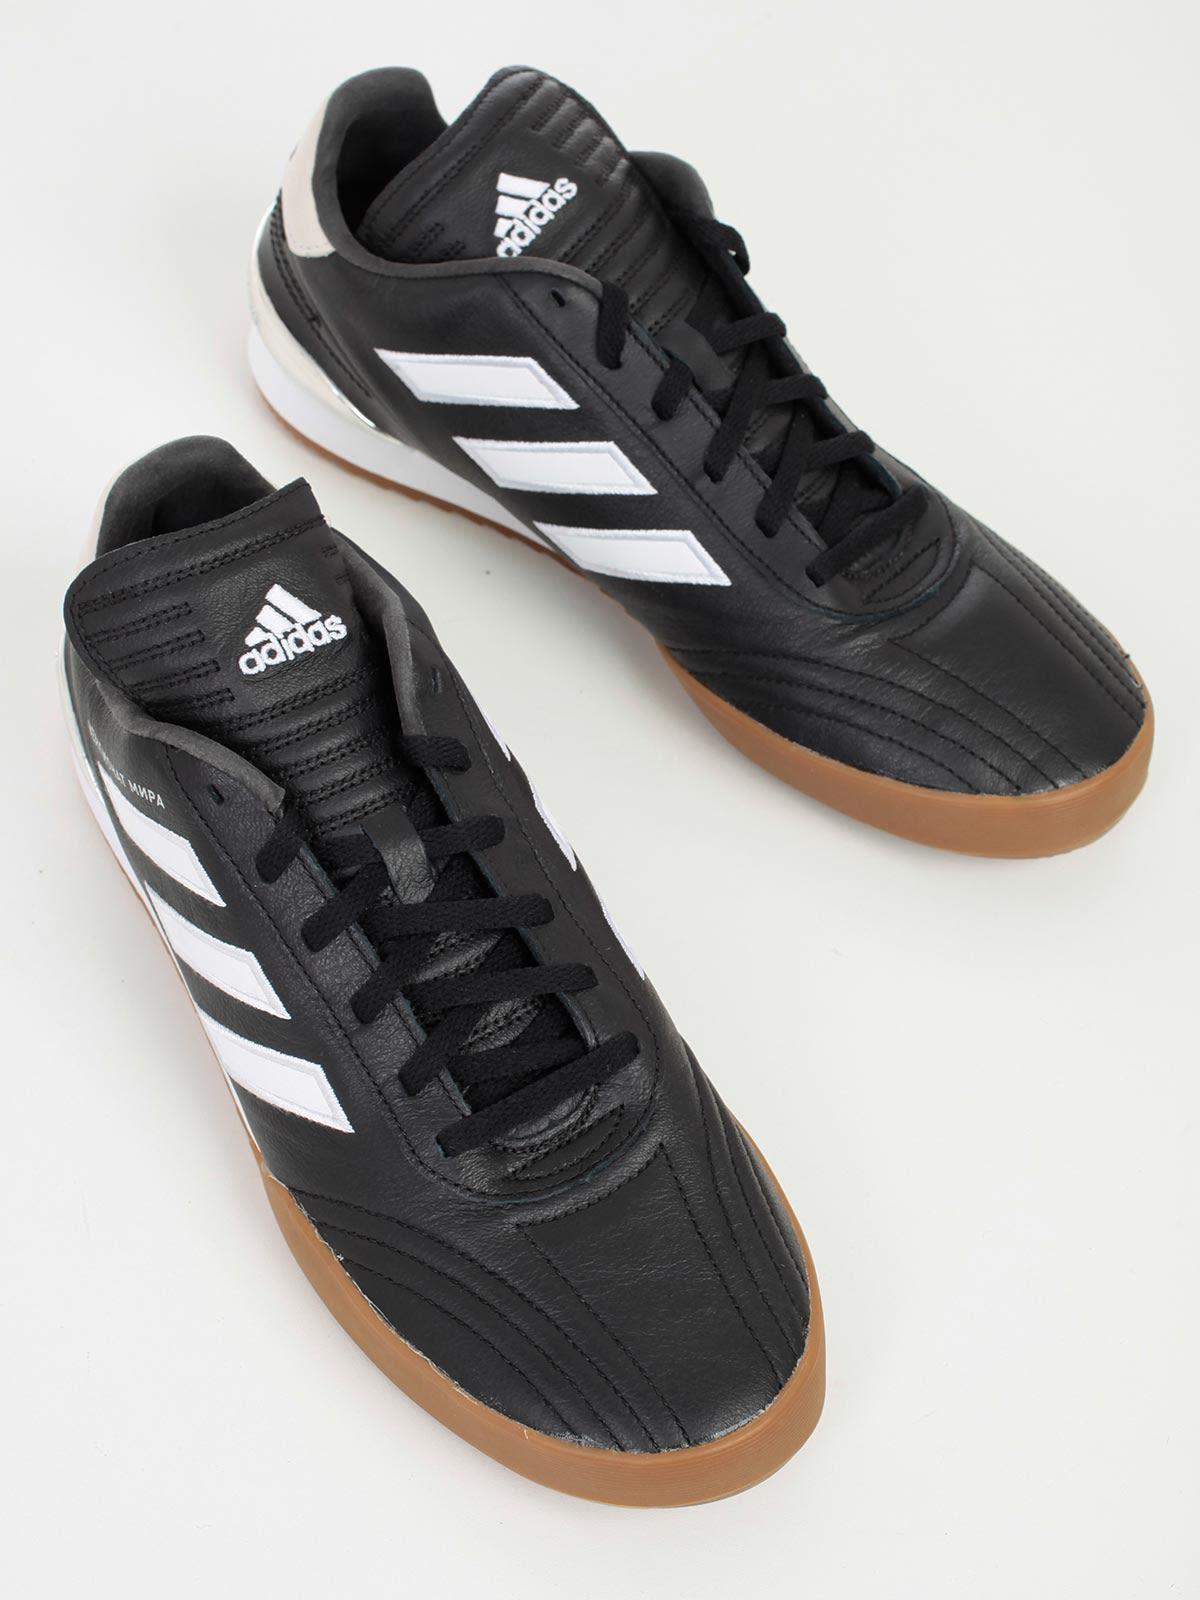 5fdbbd9914dddd Gosha Rubchinskiy Gosha Rubchinskiy Lace Up Sneakers - Black Cg7056 ...